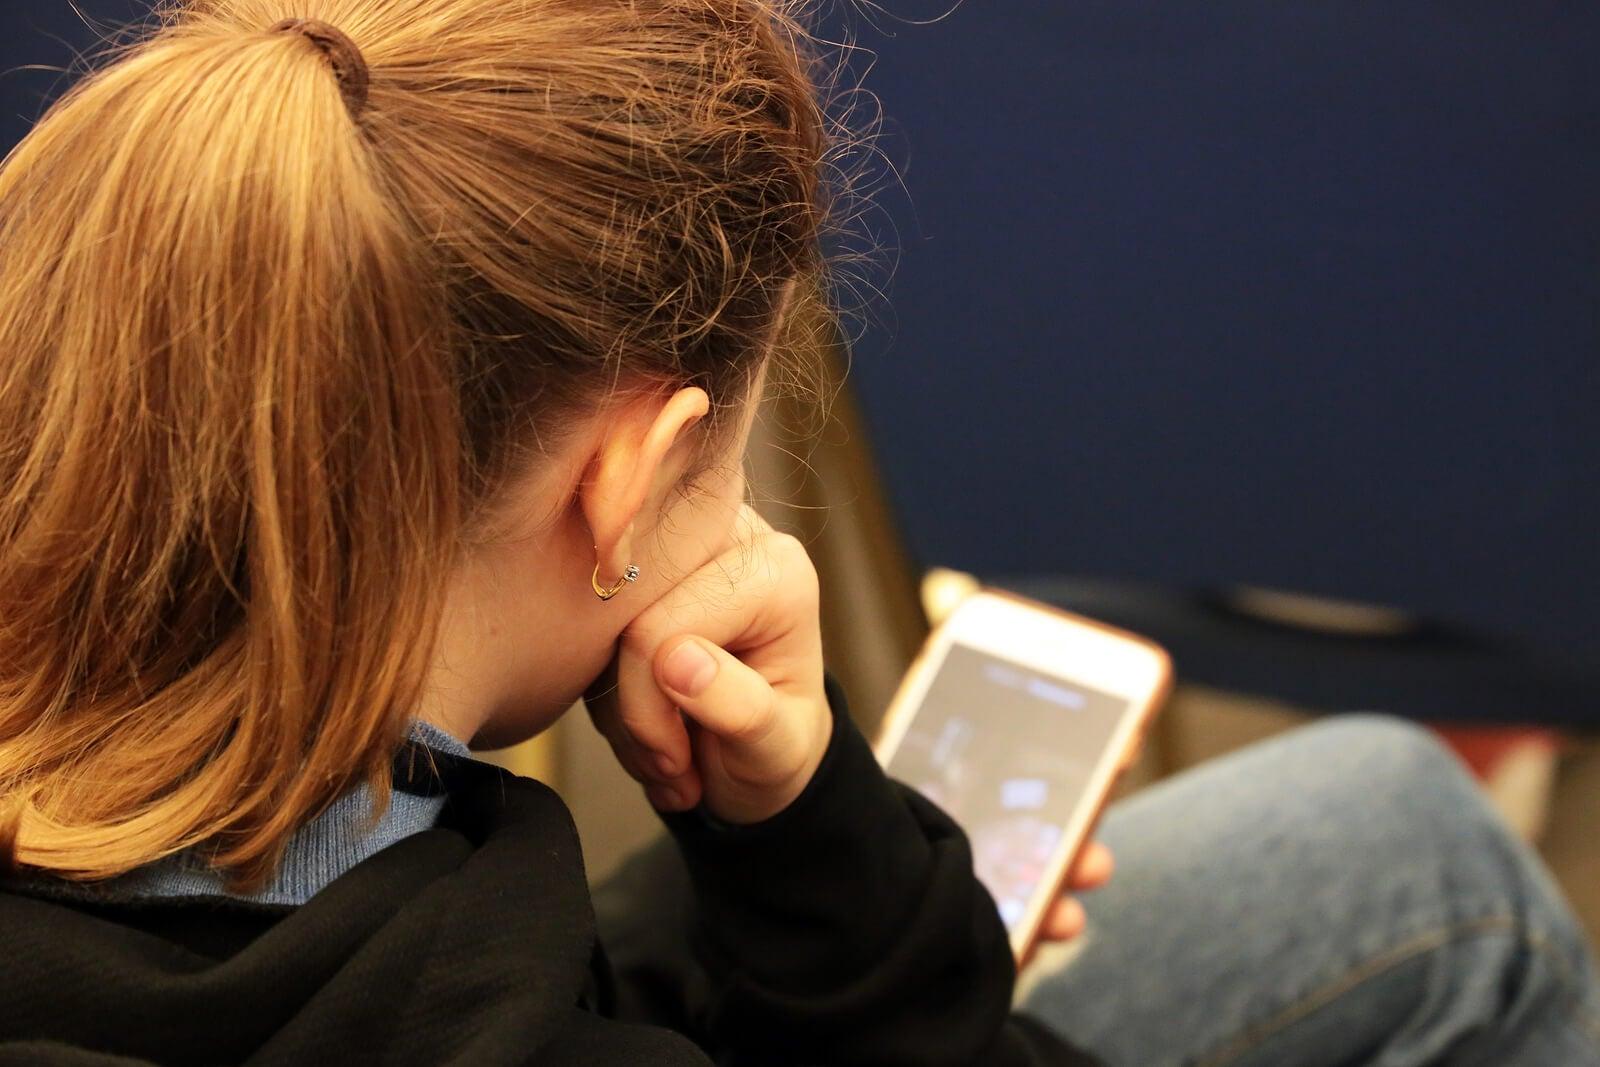 Adolescente adicta al móvil consultando sus redes sociales.